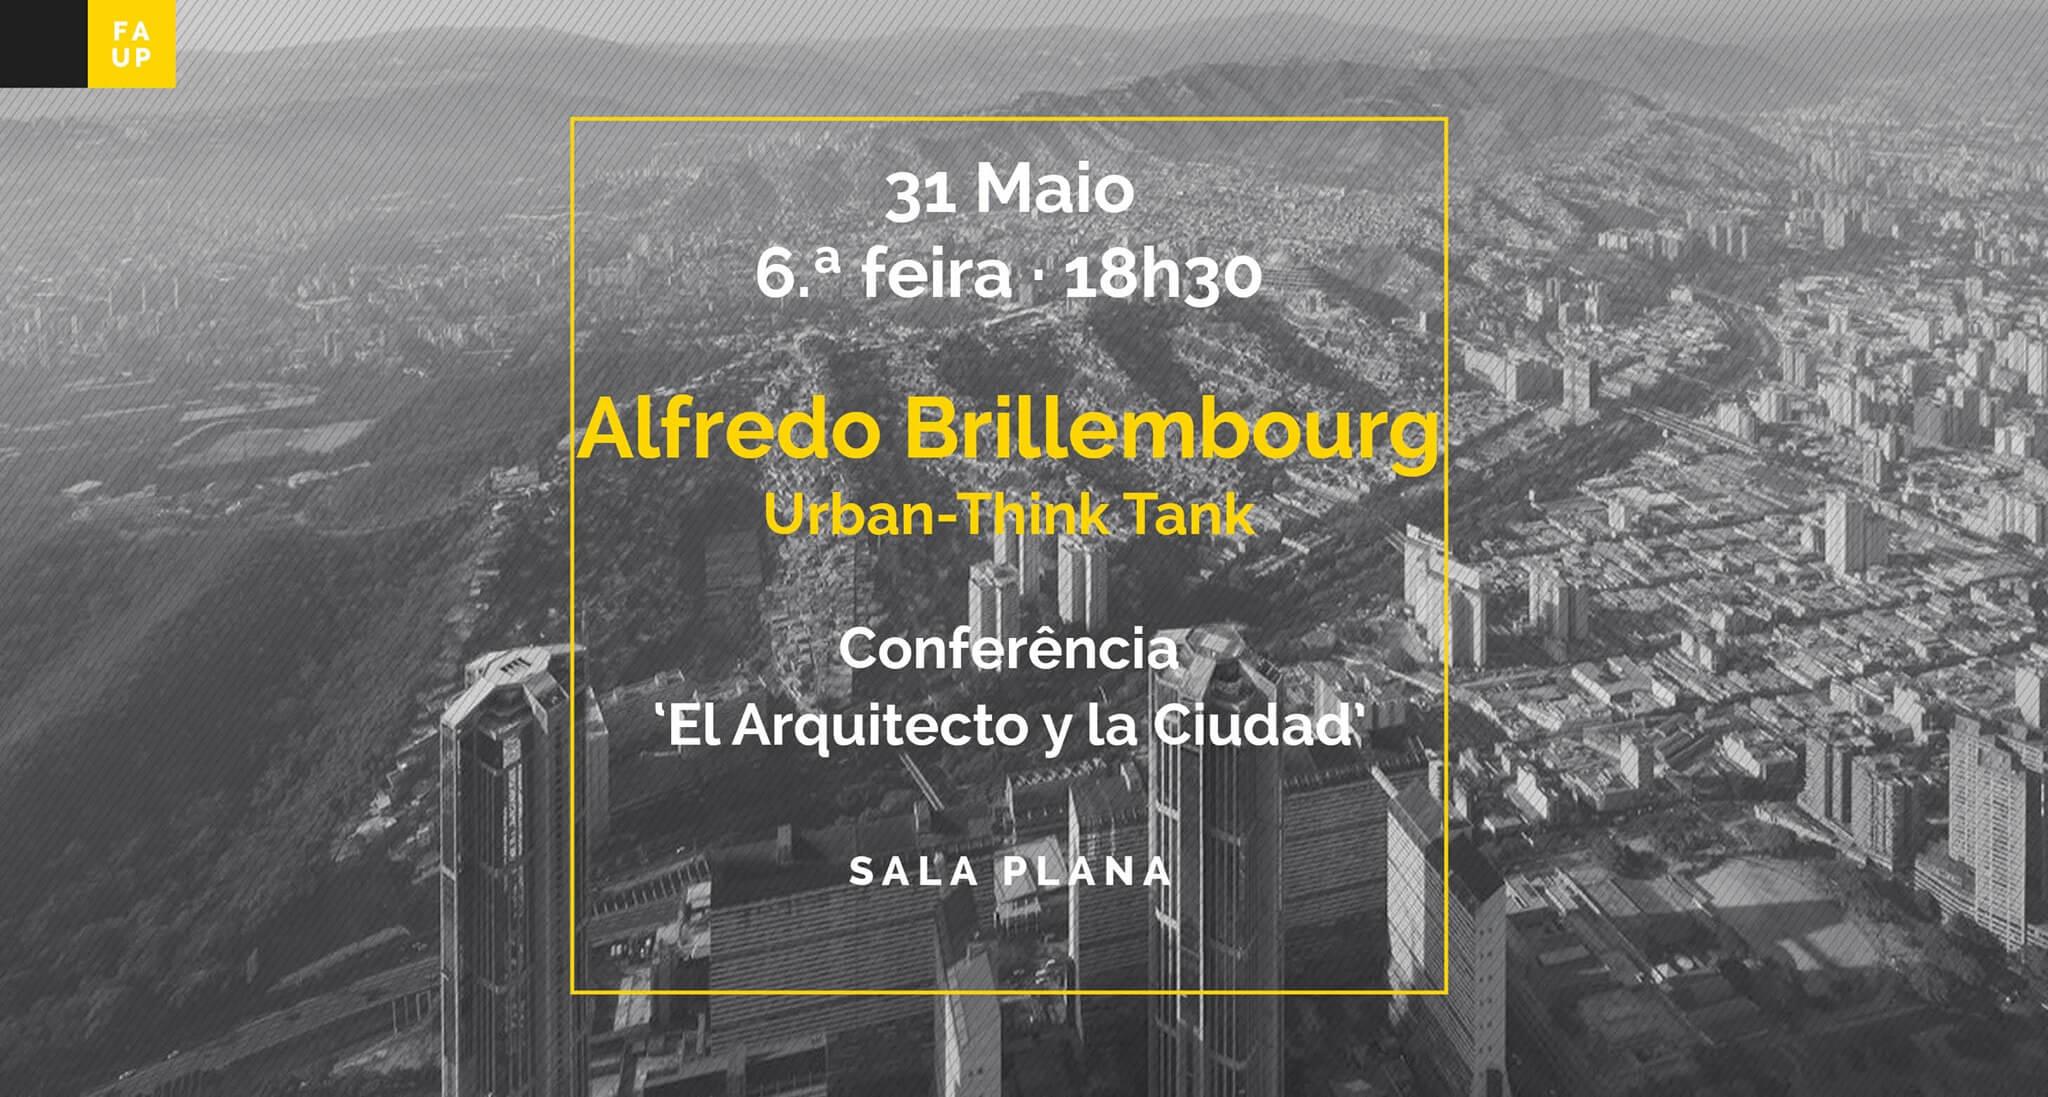 Conferência 'El Arquitecto y la Ciudad' por Alfredo Brillembourg